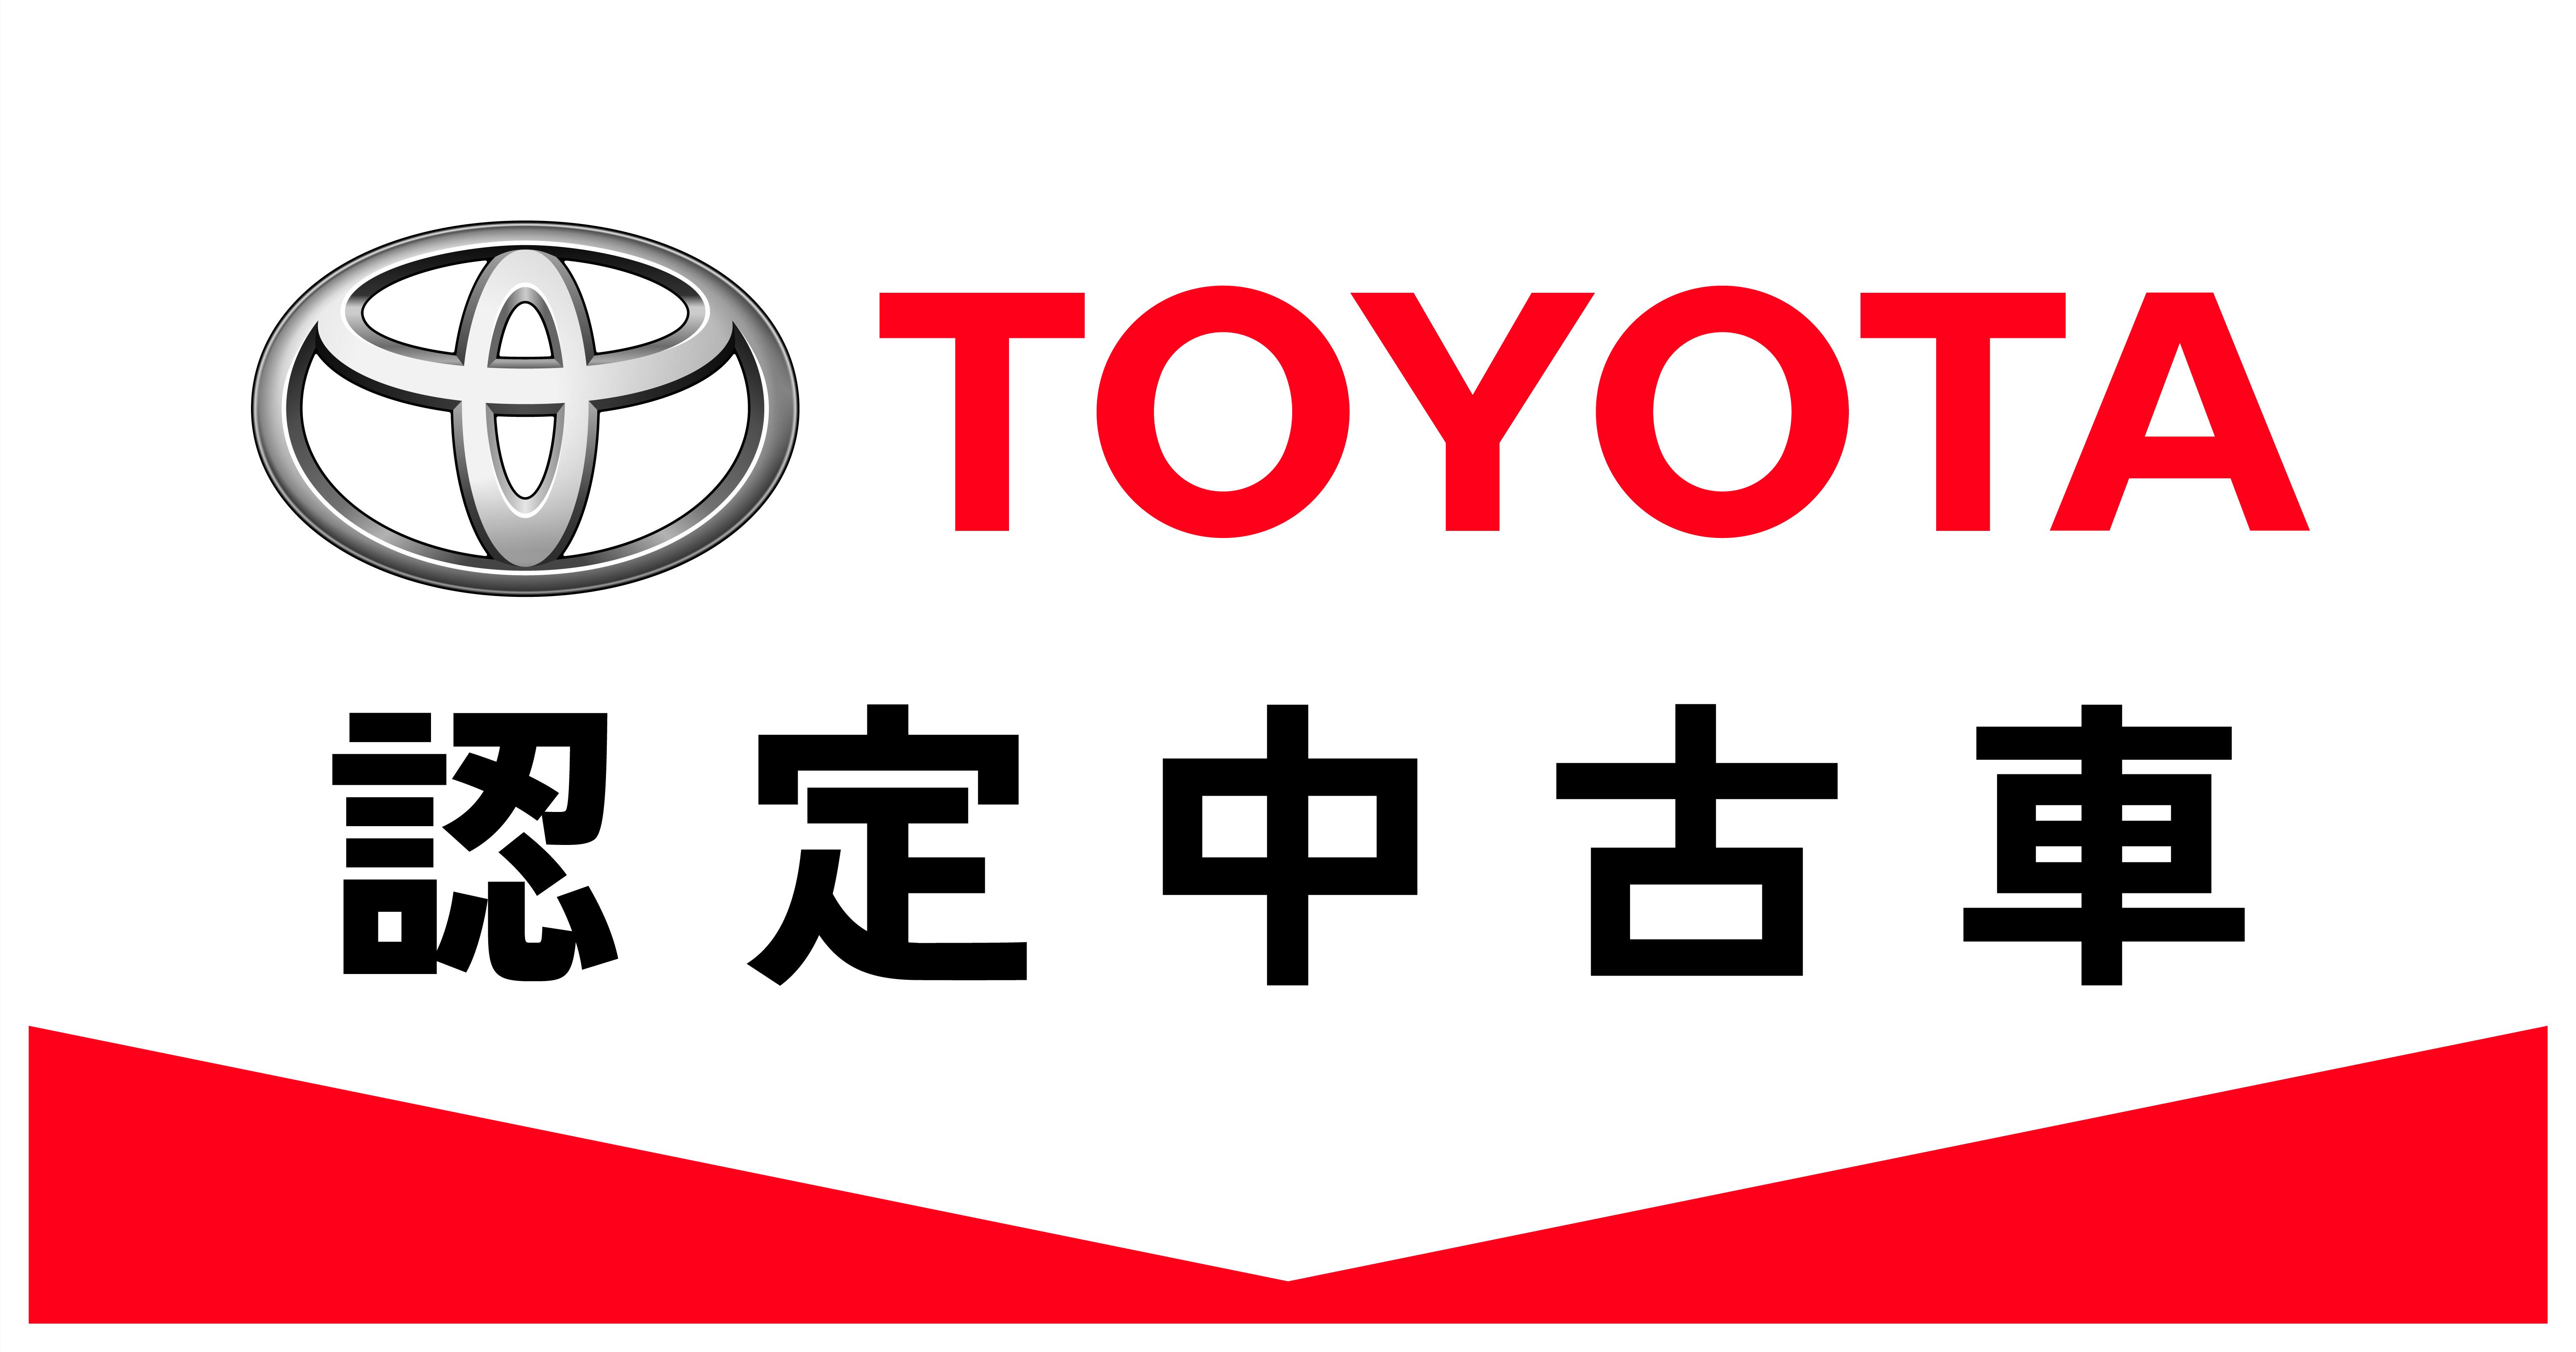 トヨタ 認定 中古 車 トヨタ(toyota)の中古車 中古車なら【カーセンサーnet】